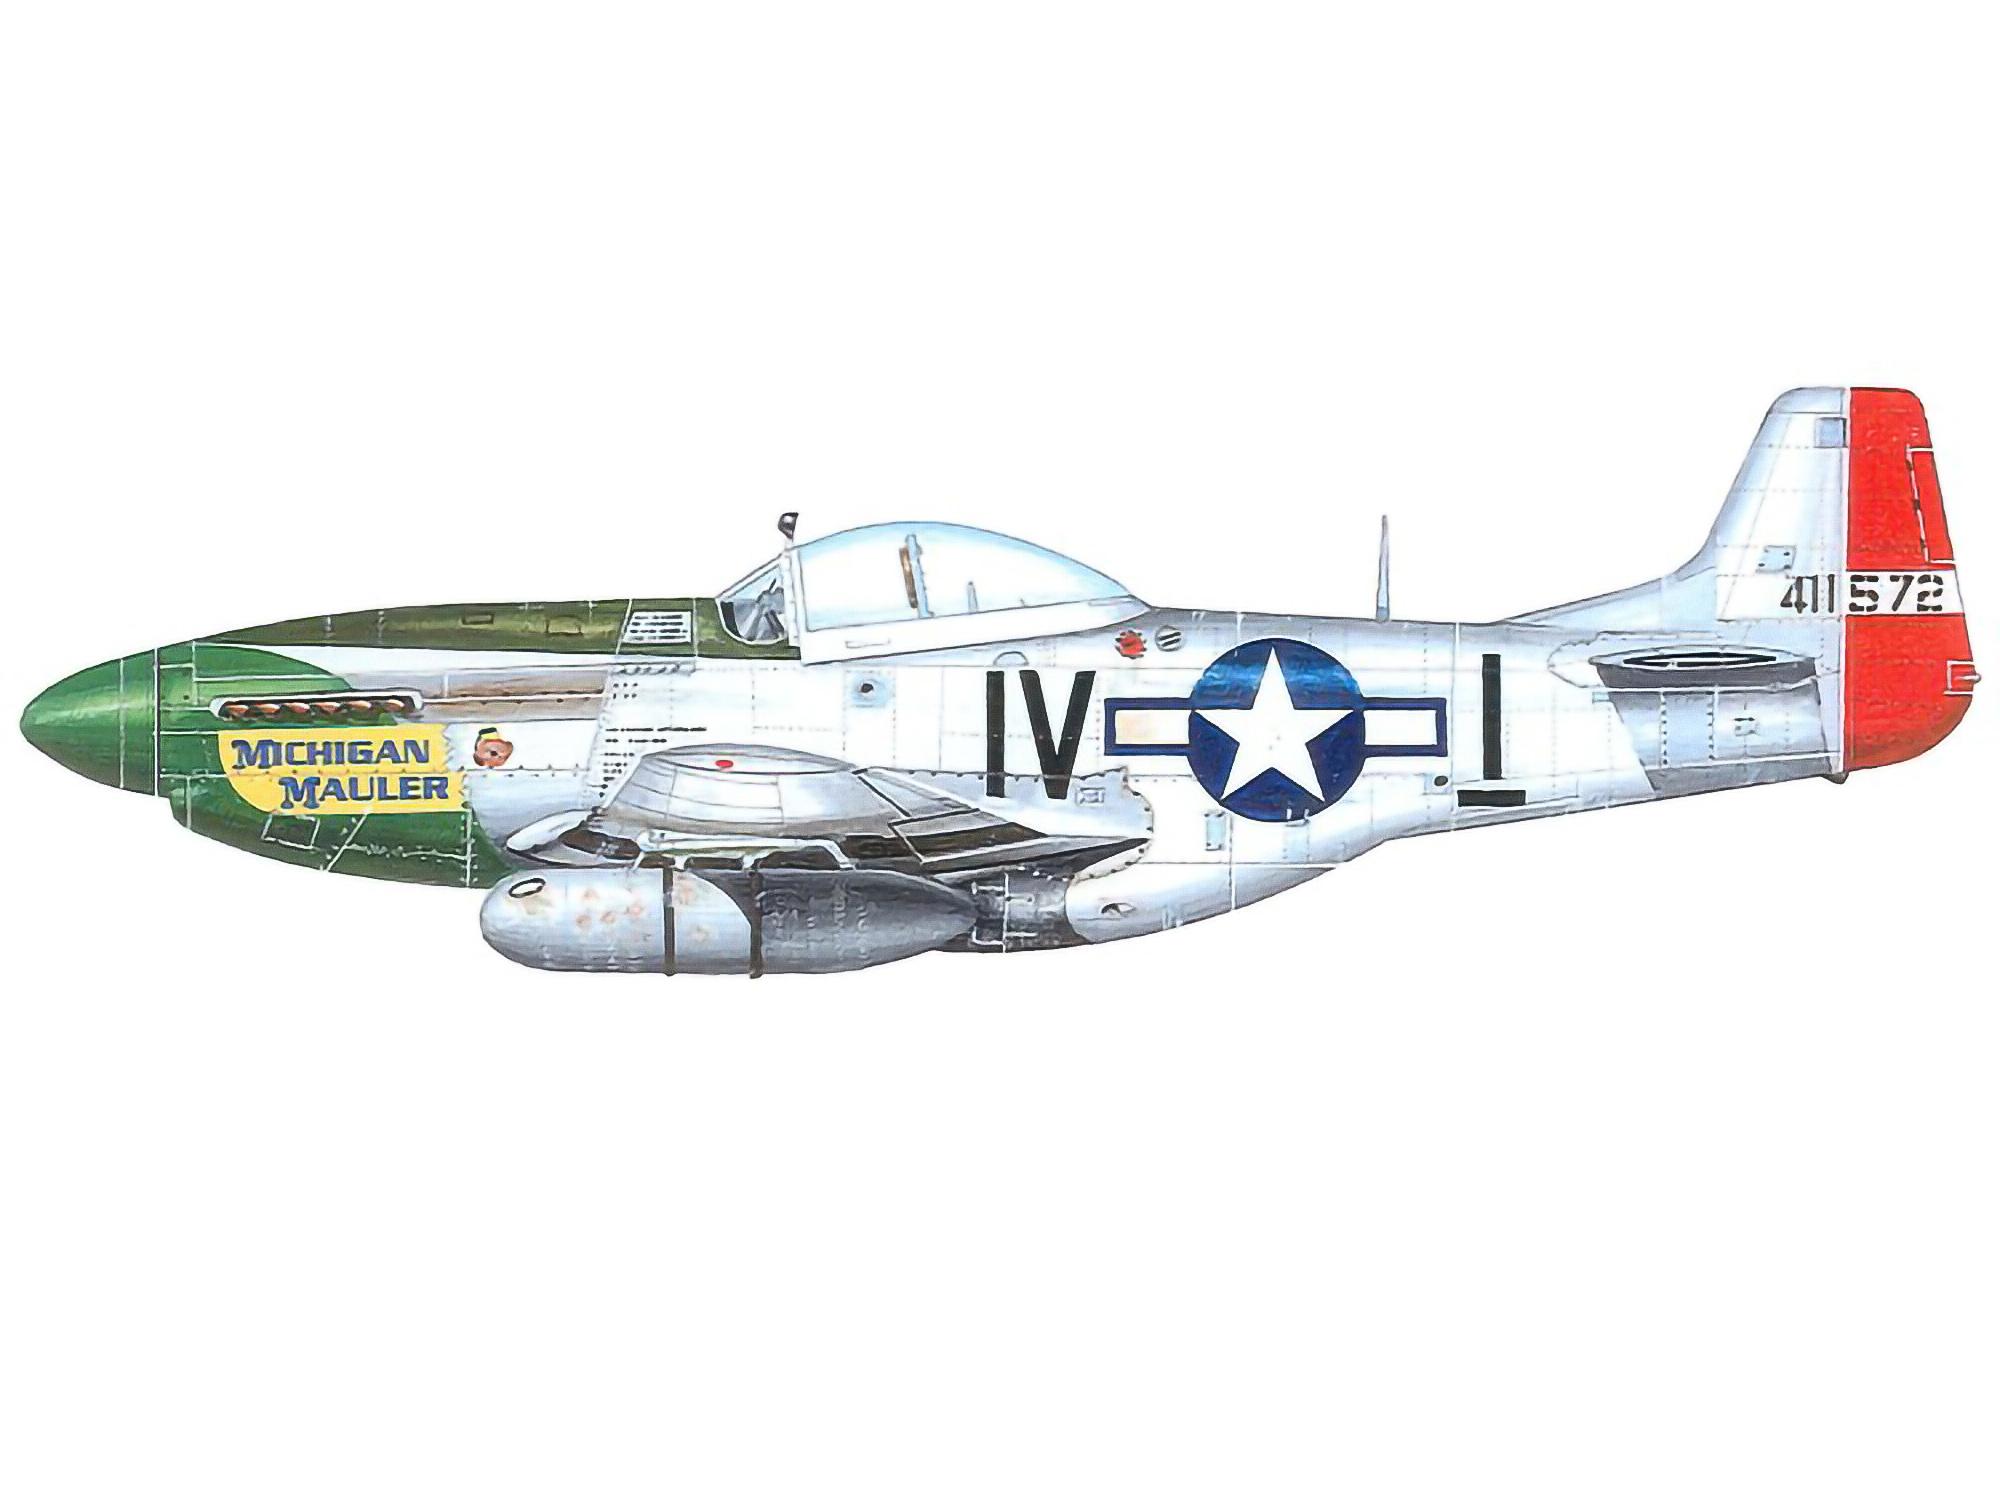 P-51K – Michigan Mauler – 44-11572